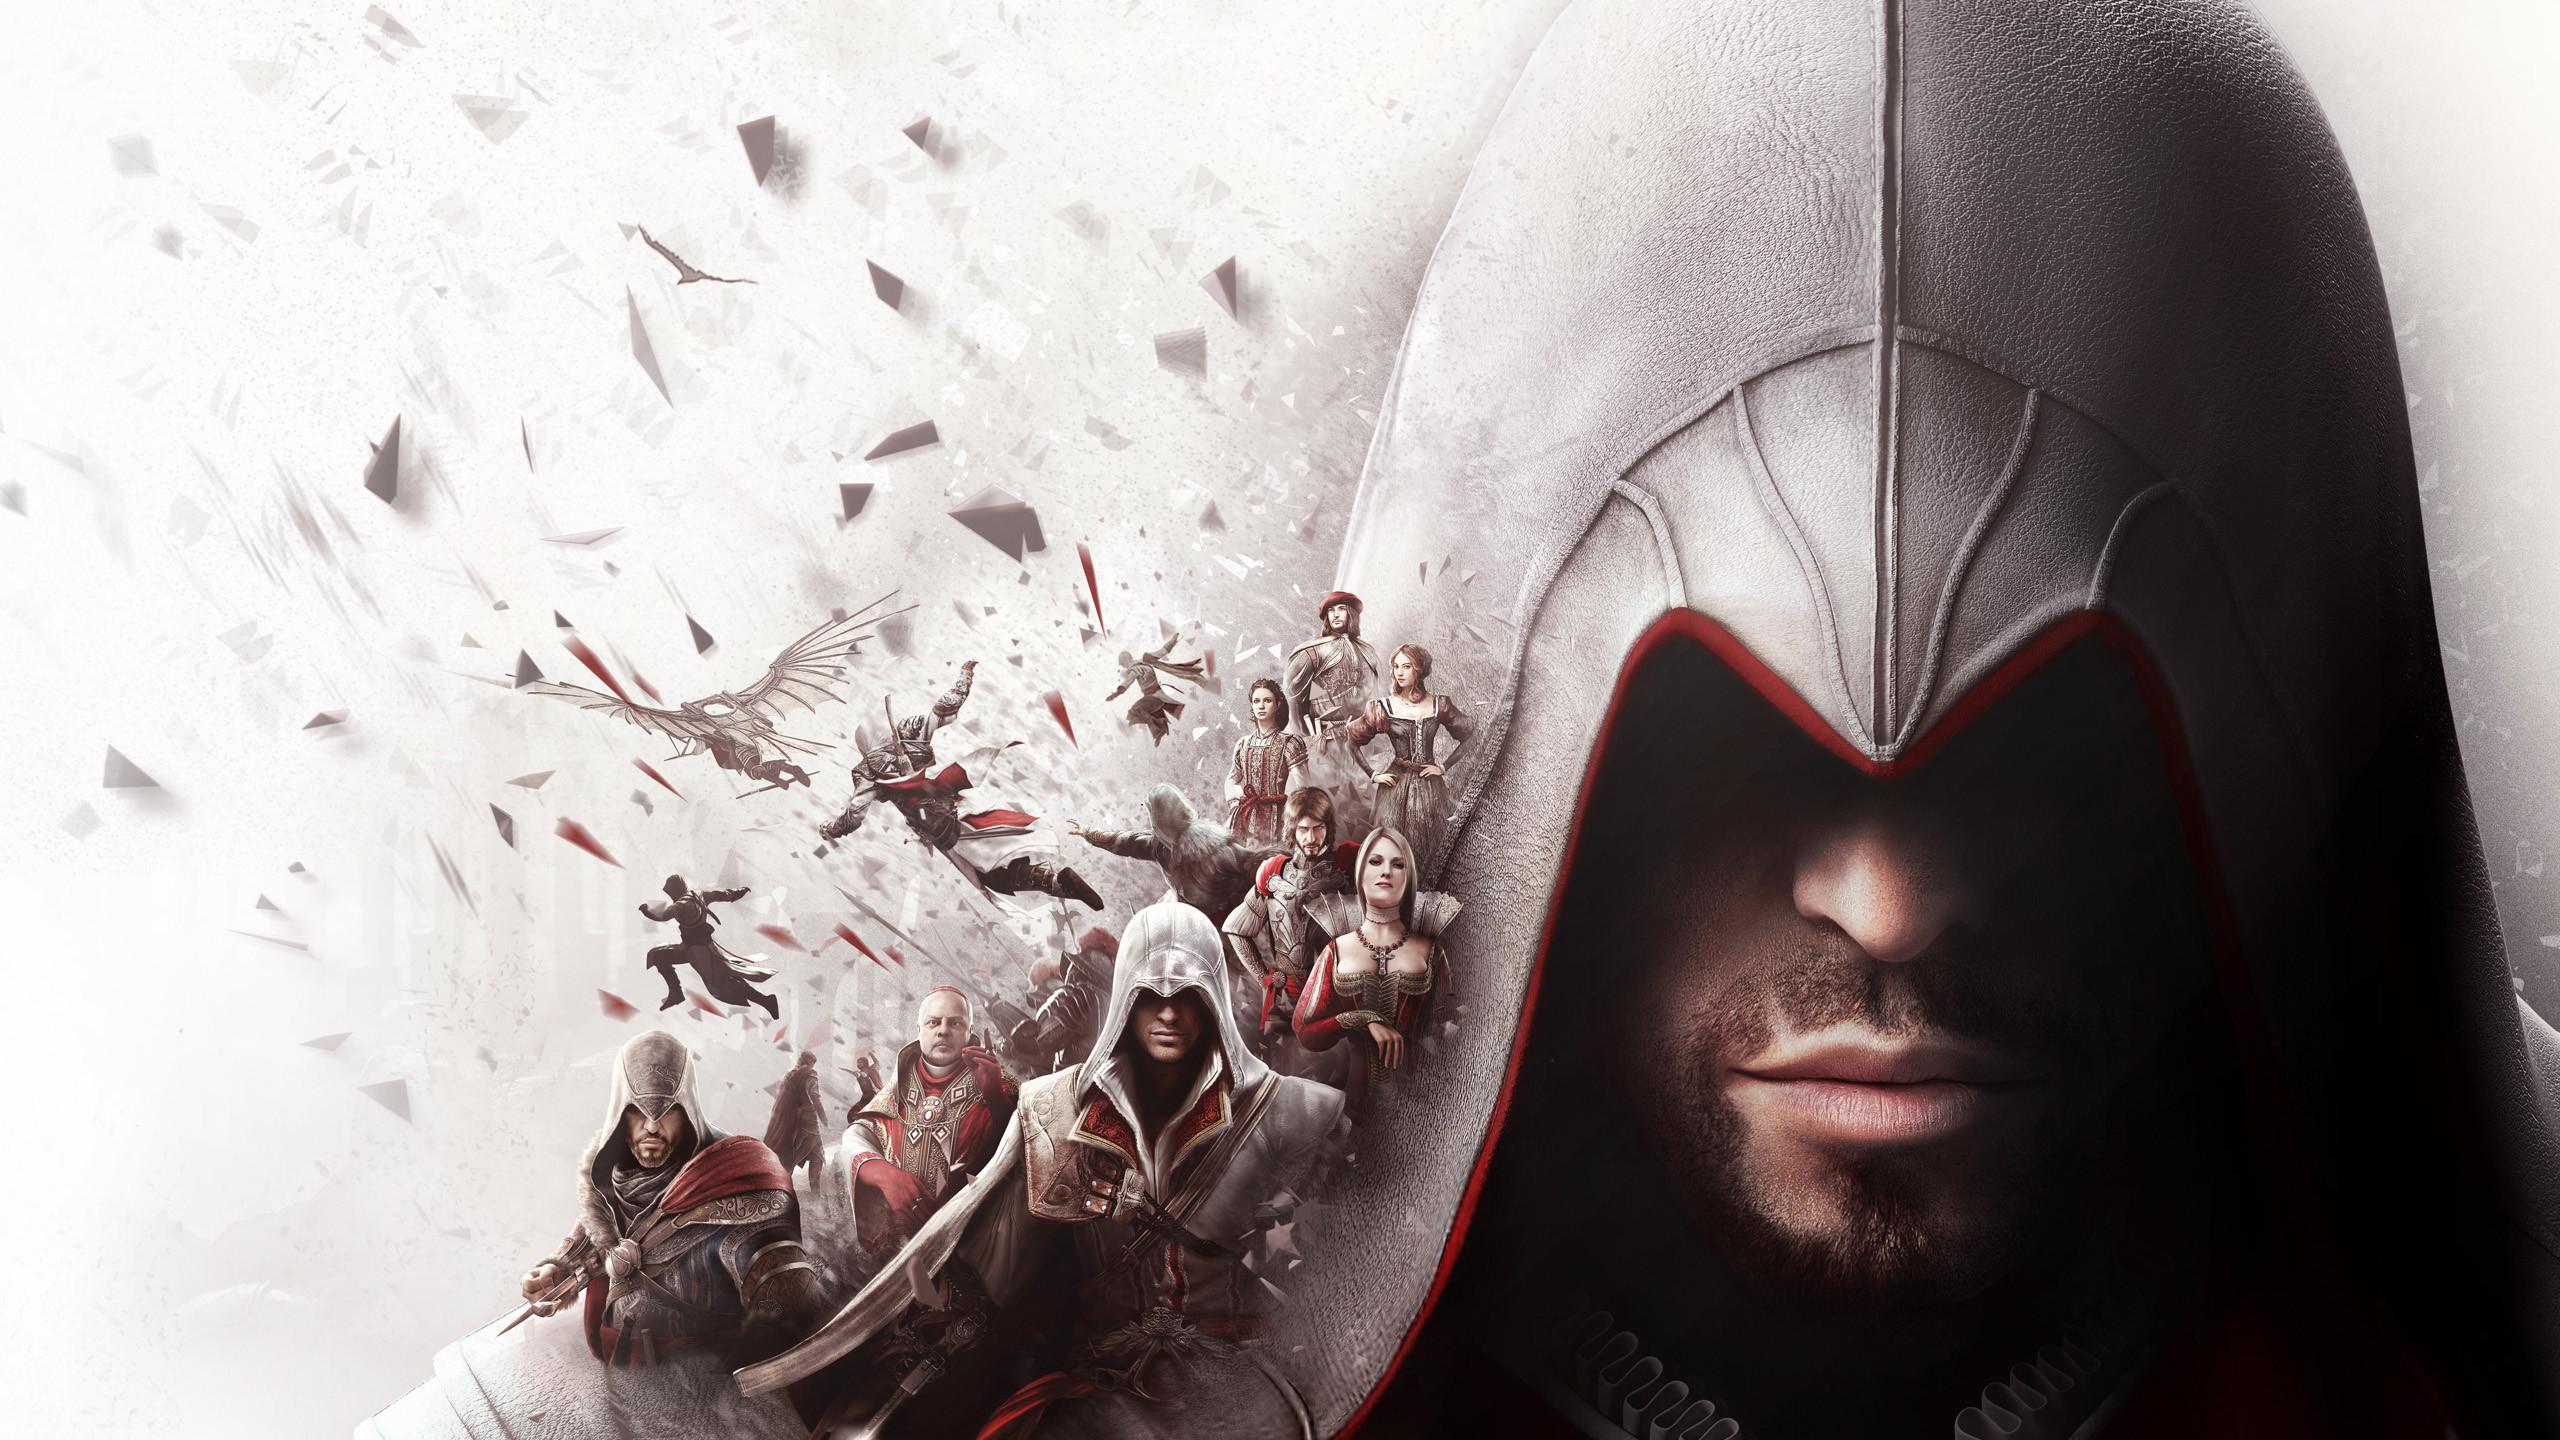 Games / The Ezio Collection Wallpaper